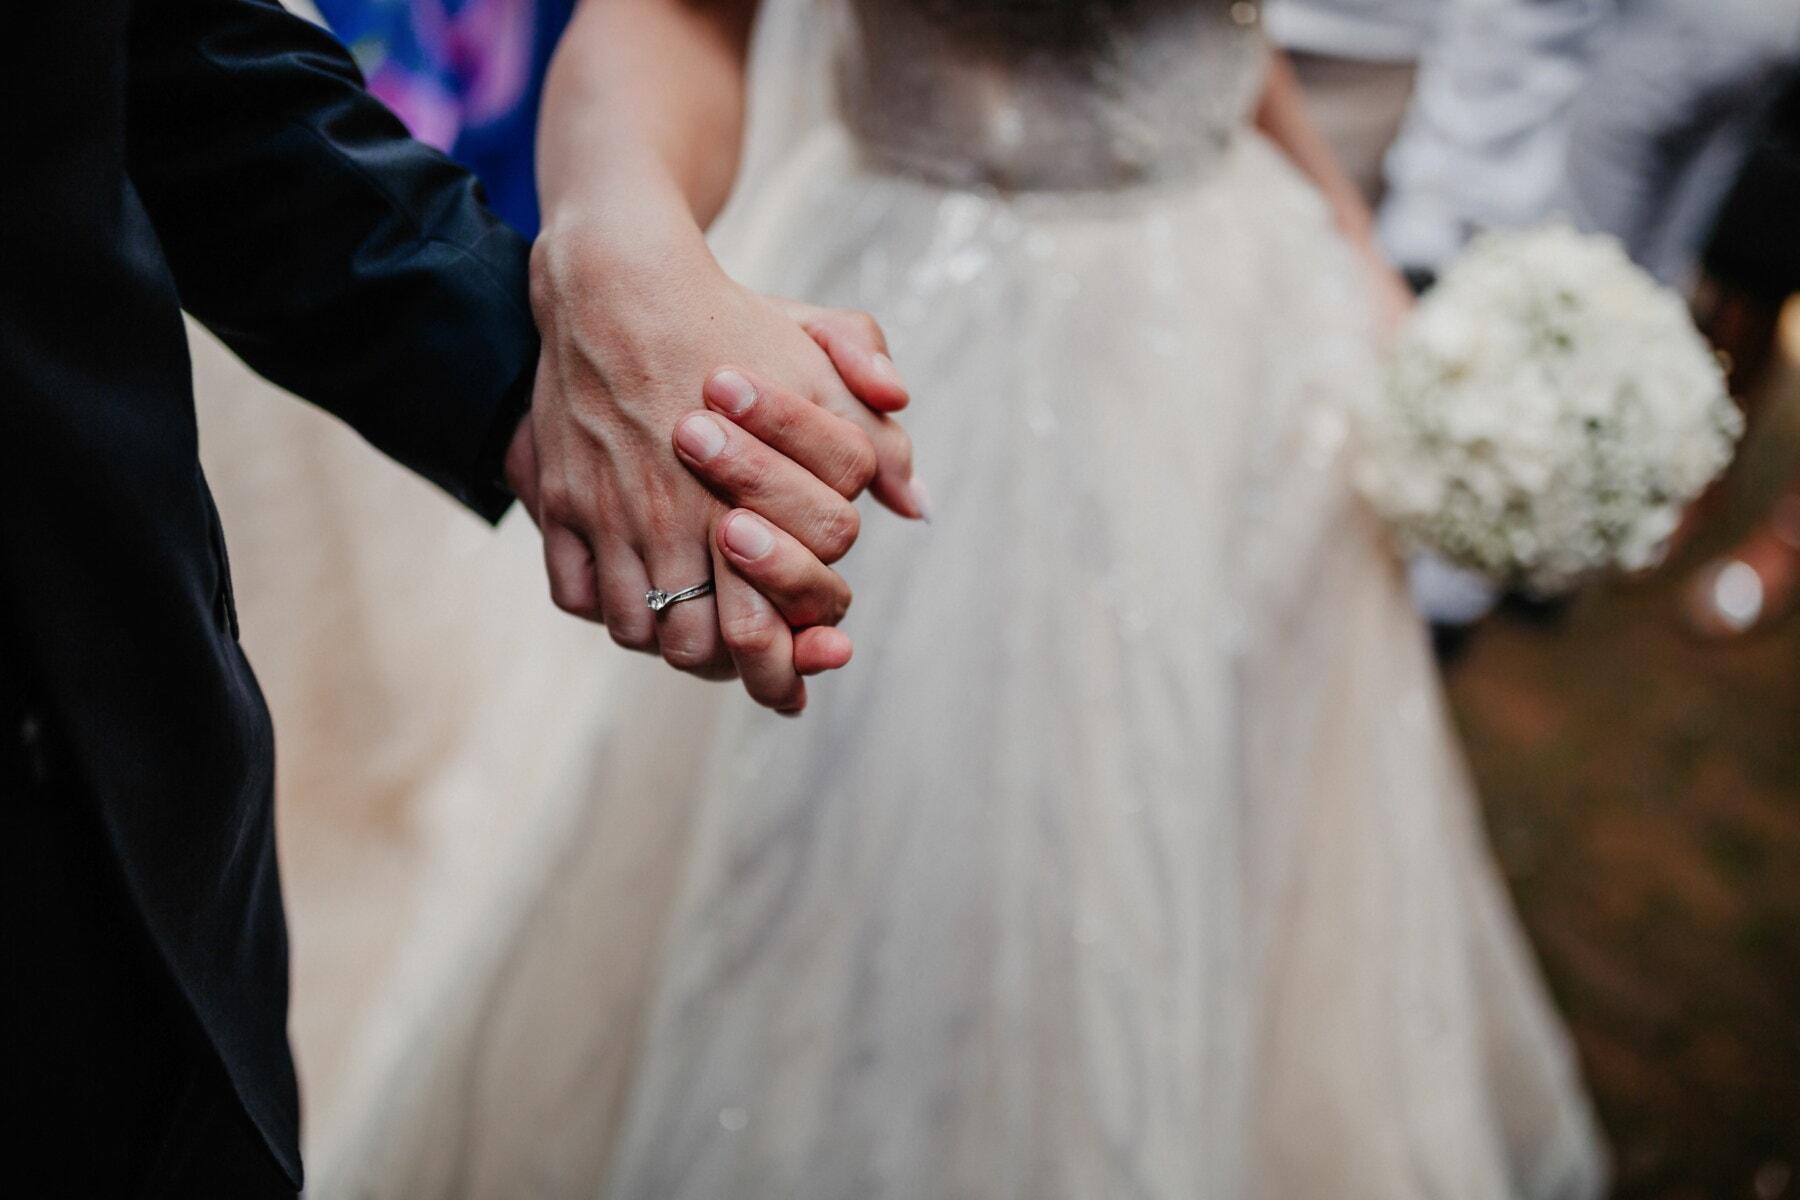 tenersi per mano, sposa, sposo, insieme, relazione, matrimonio, donna, matrimonio, persona, amore